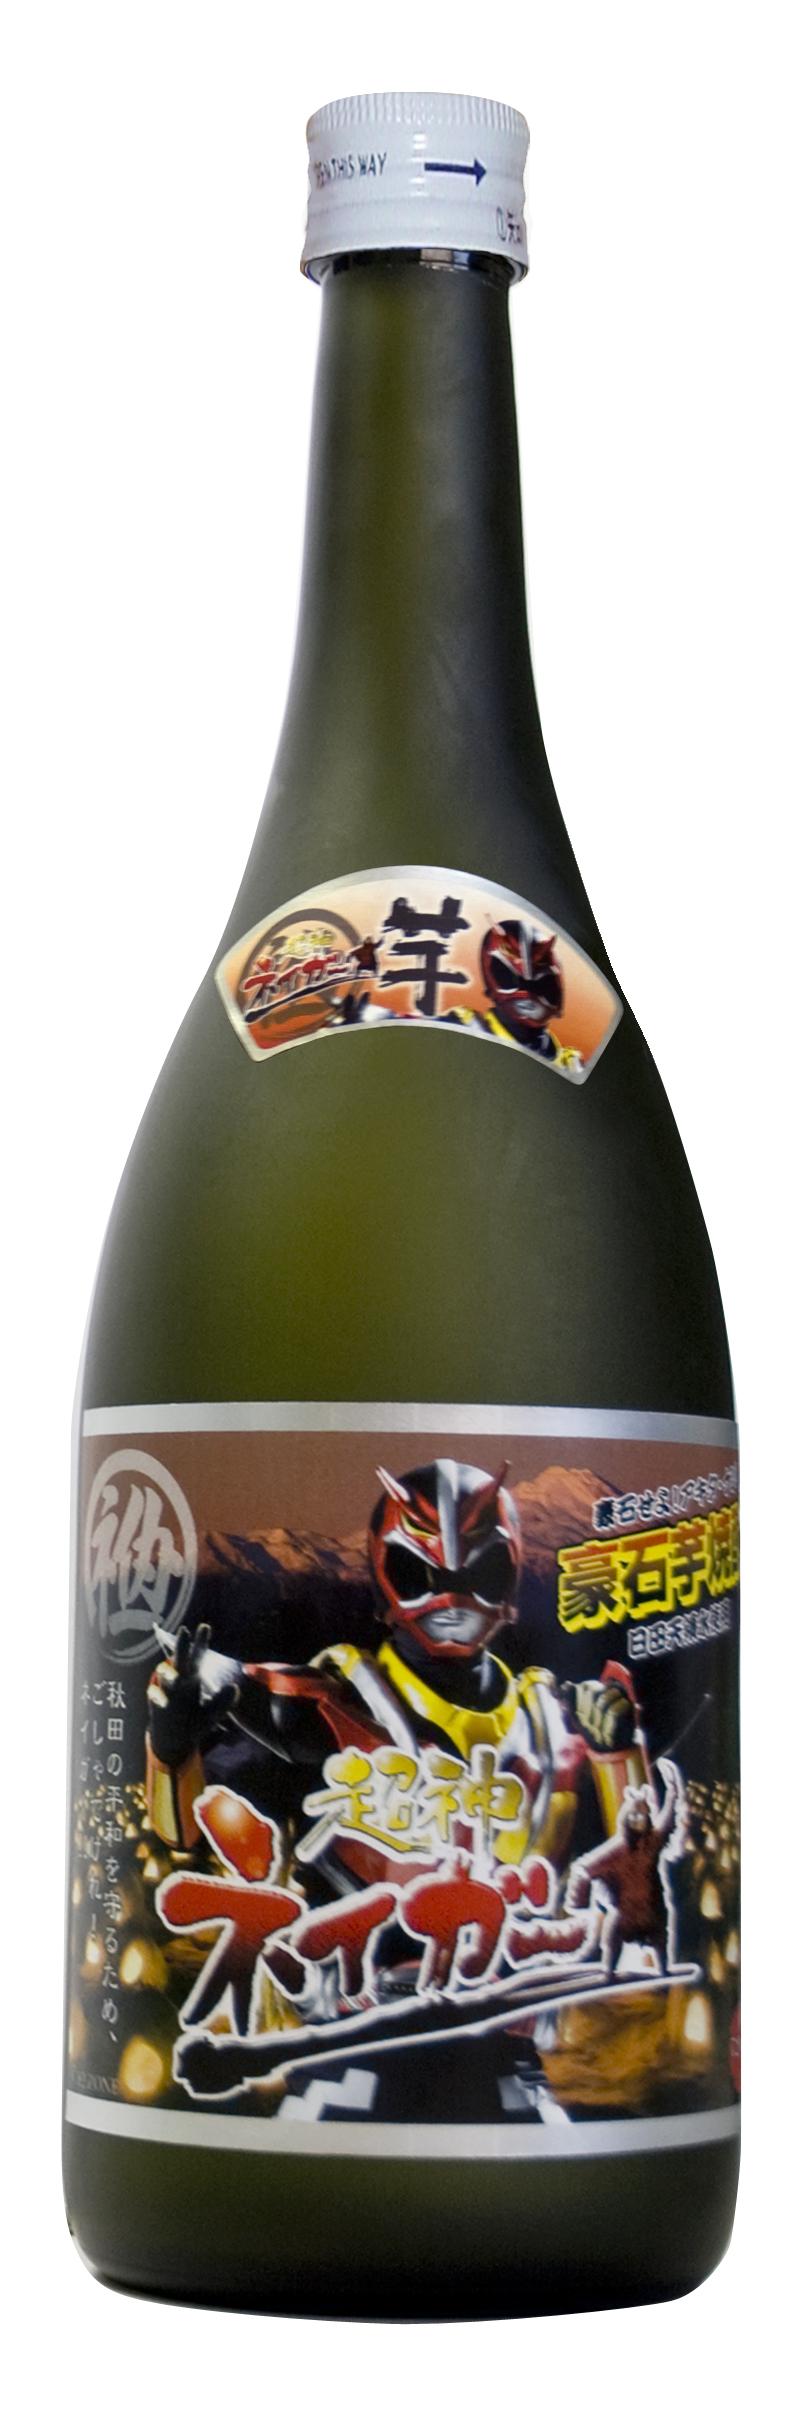 ボトル-ネイガー芋1700円(西の誉銘醸株式会社様)